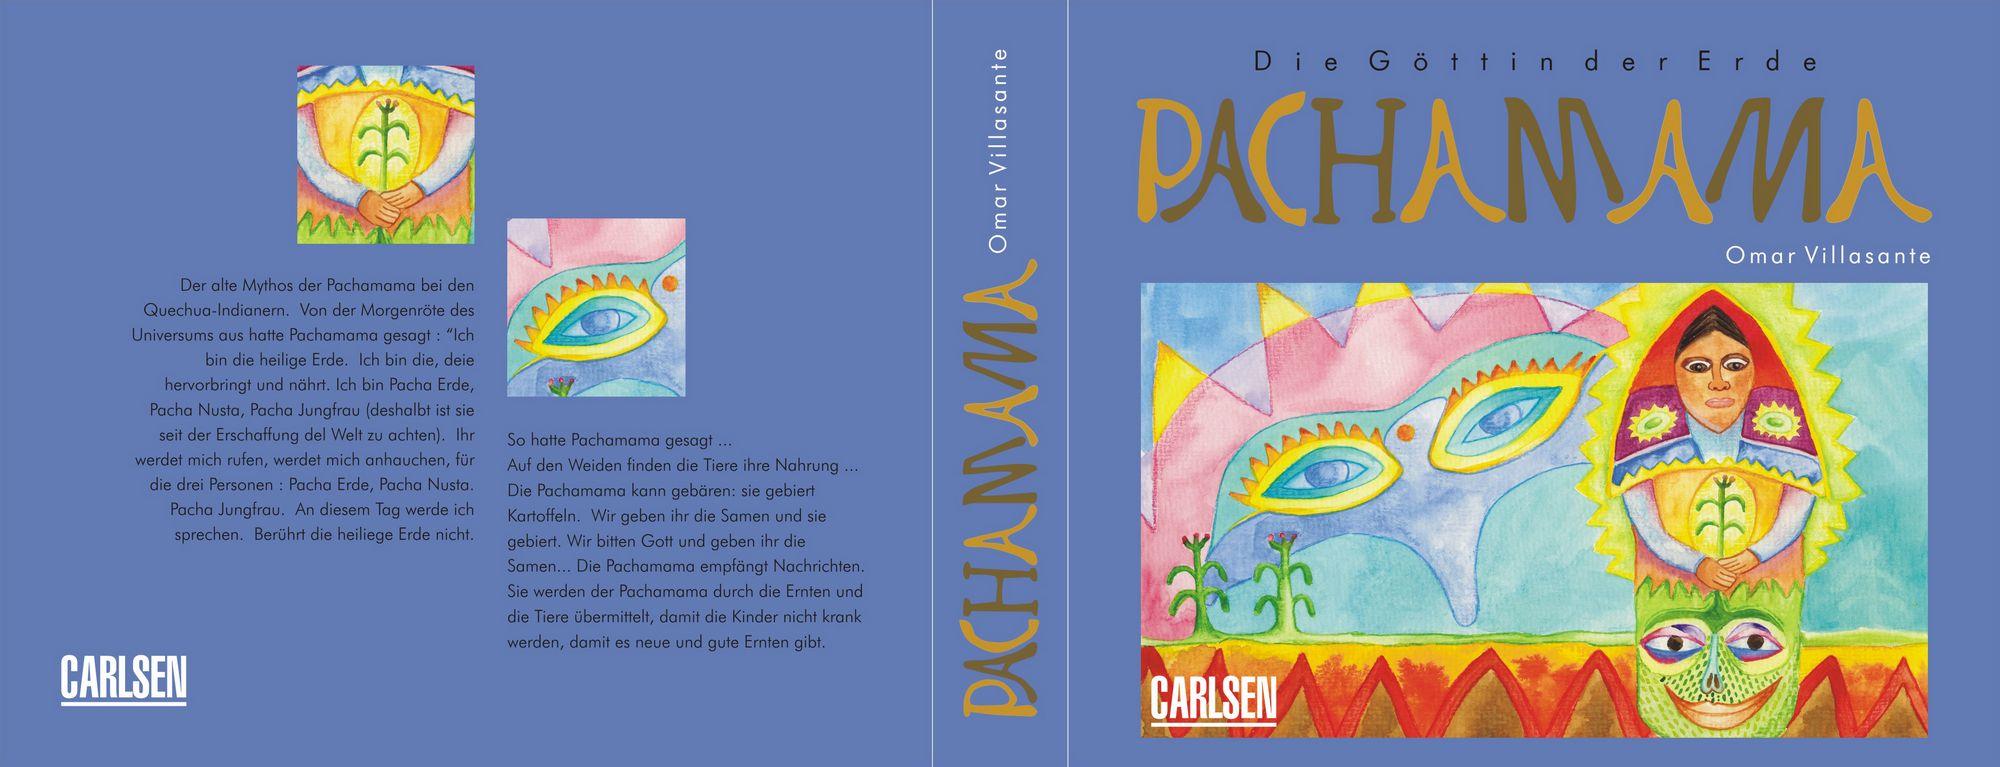 """Buchumschlag: Die Göttin der Erde """"Pachamama"""" (La diosa tierra """"Pachamama"""")"""